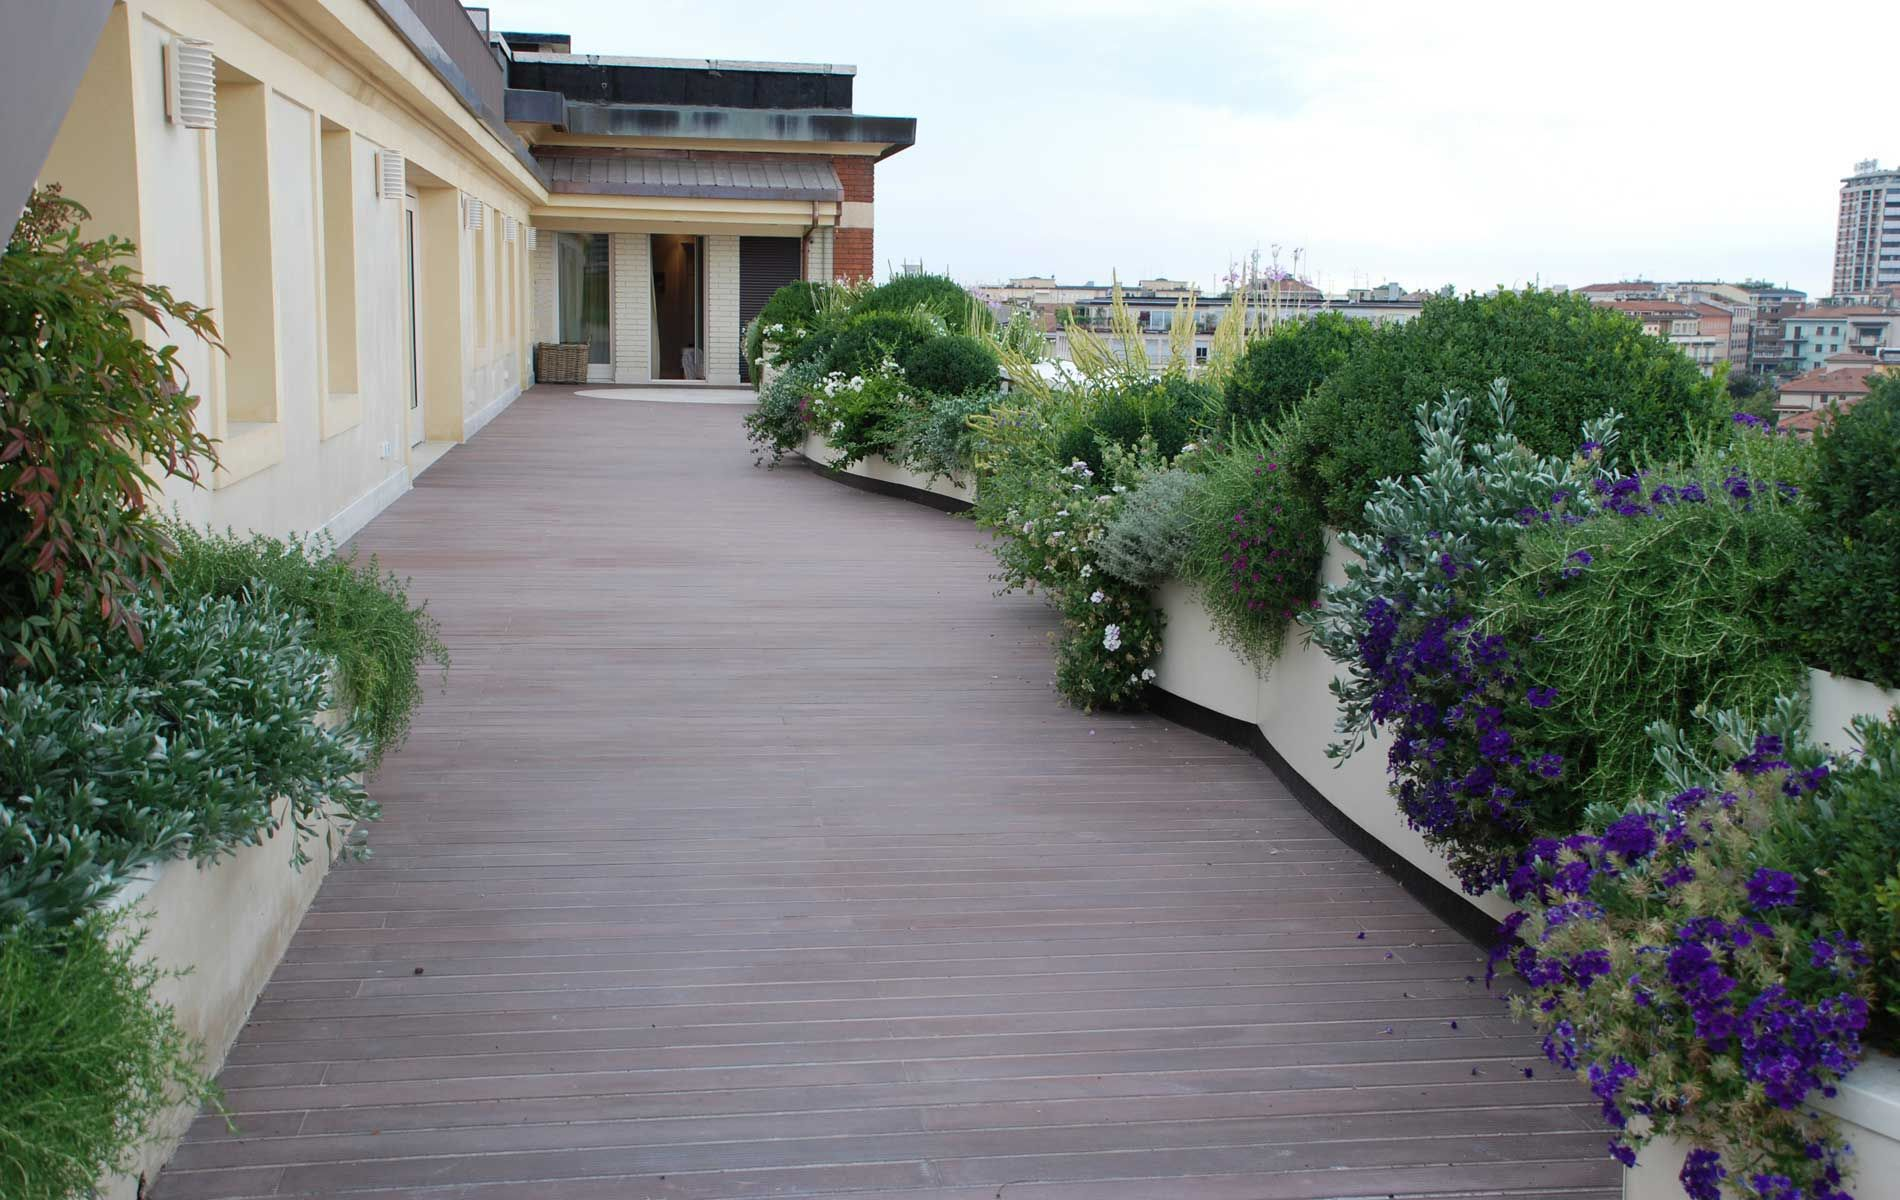 Terrazzi verdi terrazzo pinterest terrazzo giardino - Terrazzi e giardini pensili ...